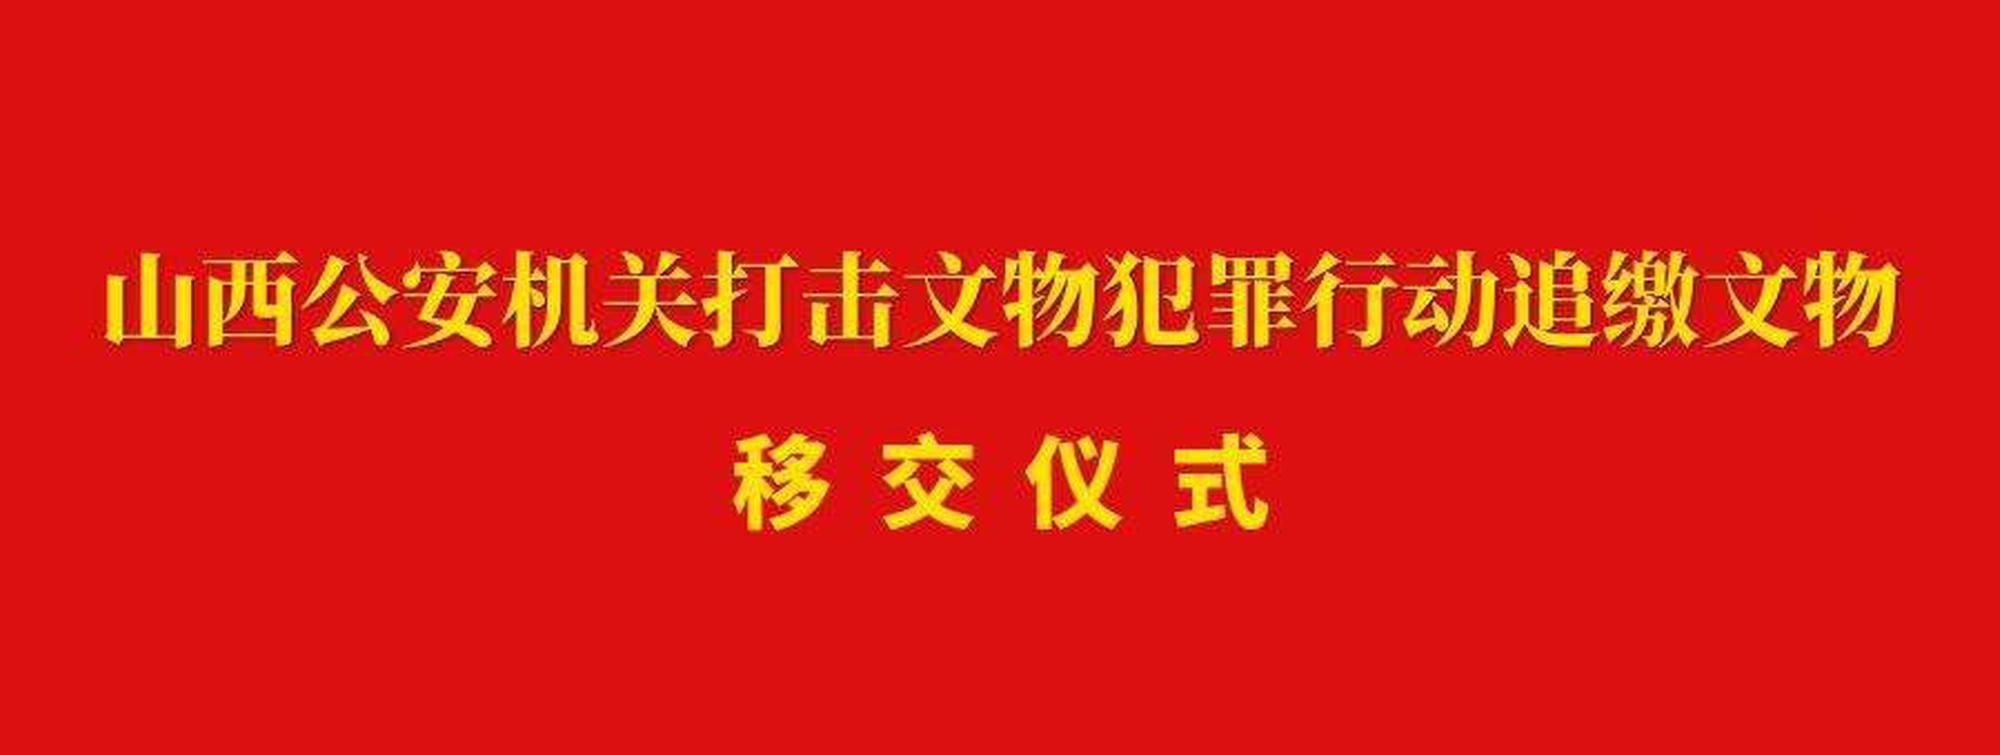 山西省公安厅举行第三次追缴文物移交仪式